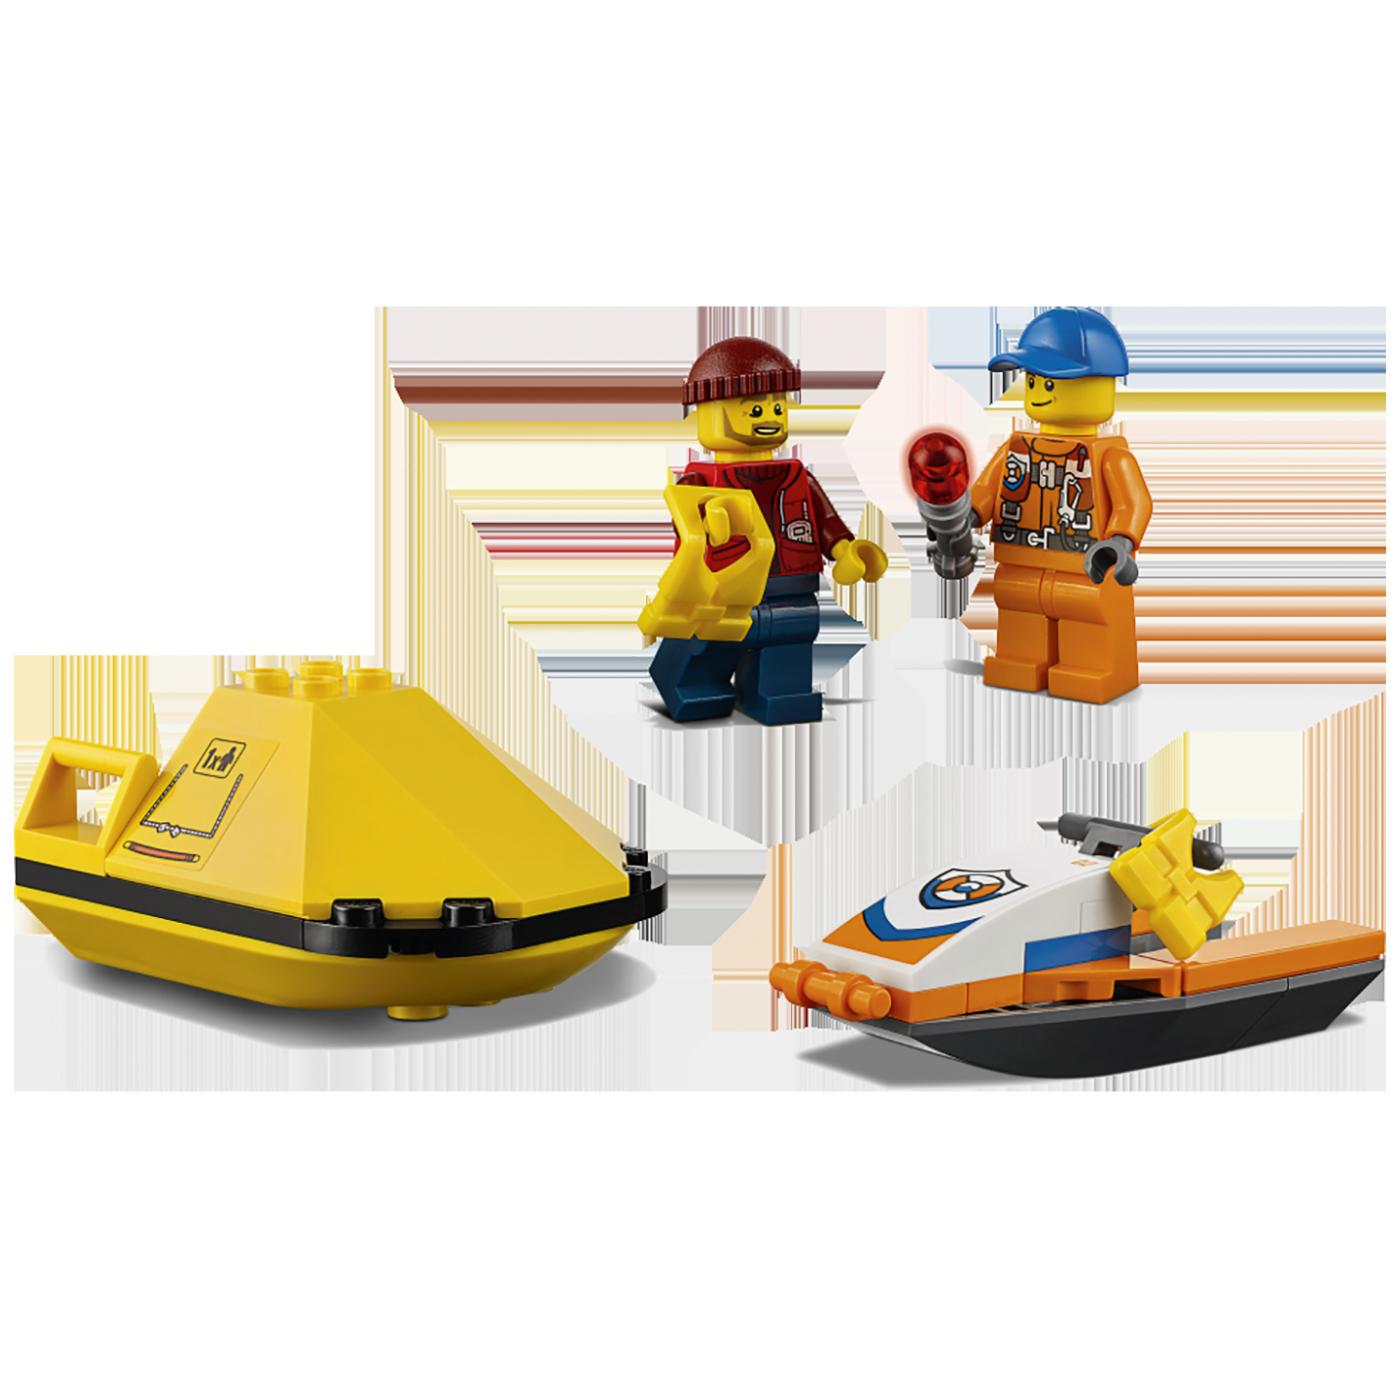 Avion za spašavanje na moru, LEGO City